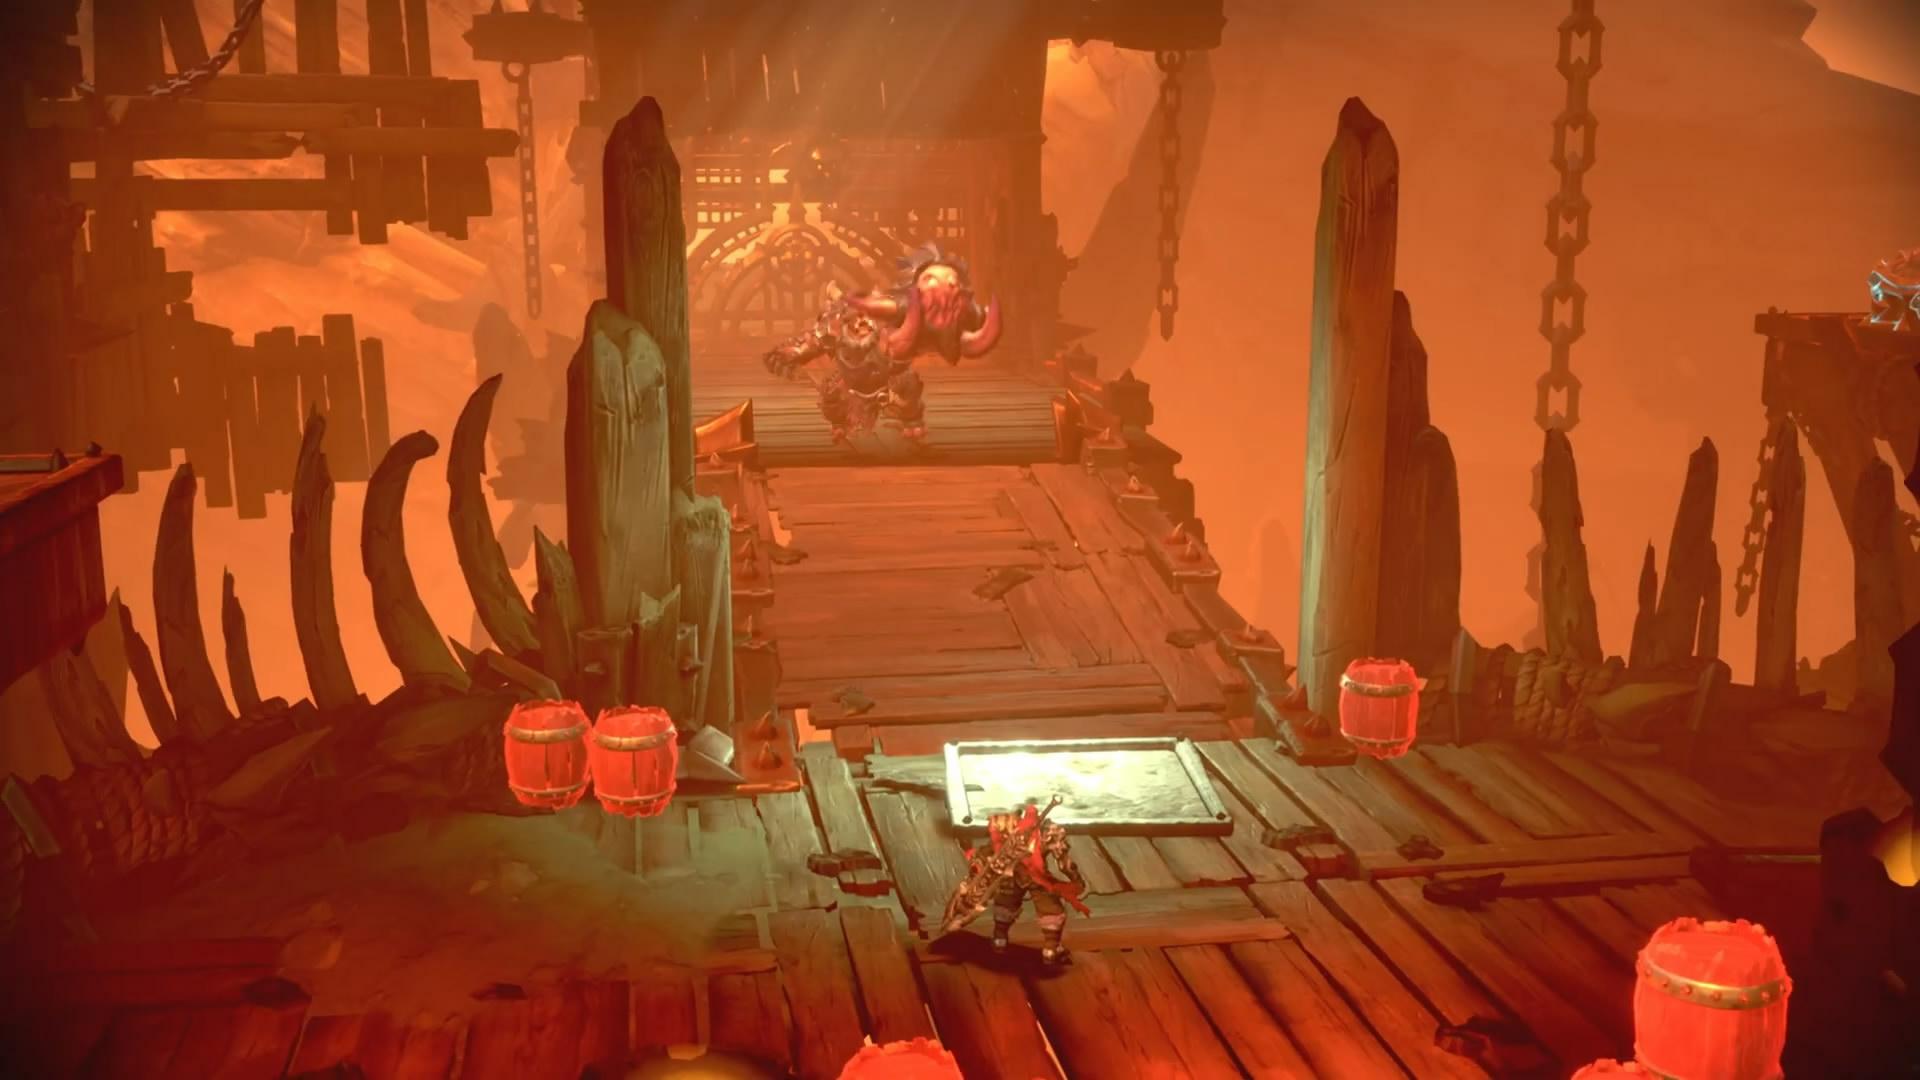 《暗黑血统:创世纪》主机版预告 今日登陆PS4/X1/NS